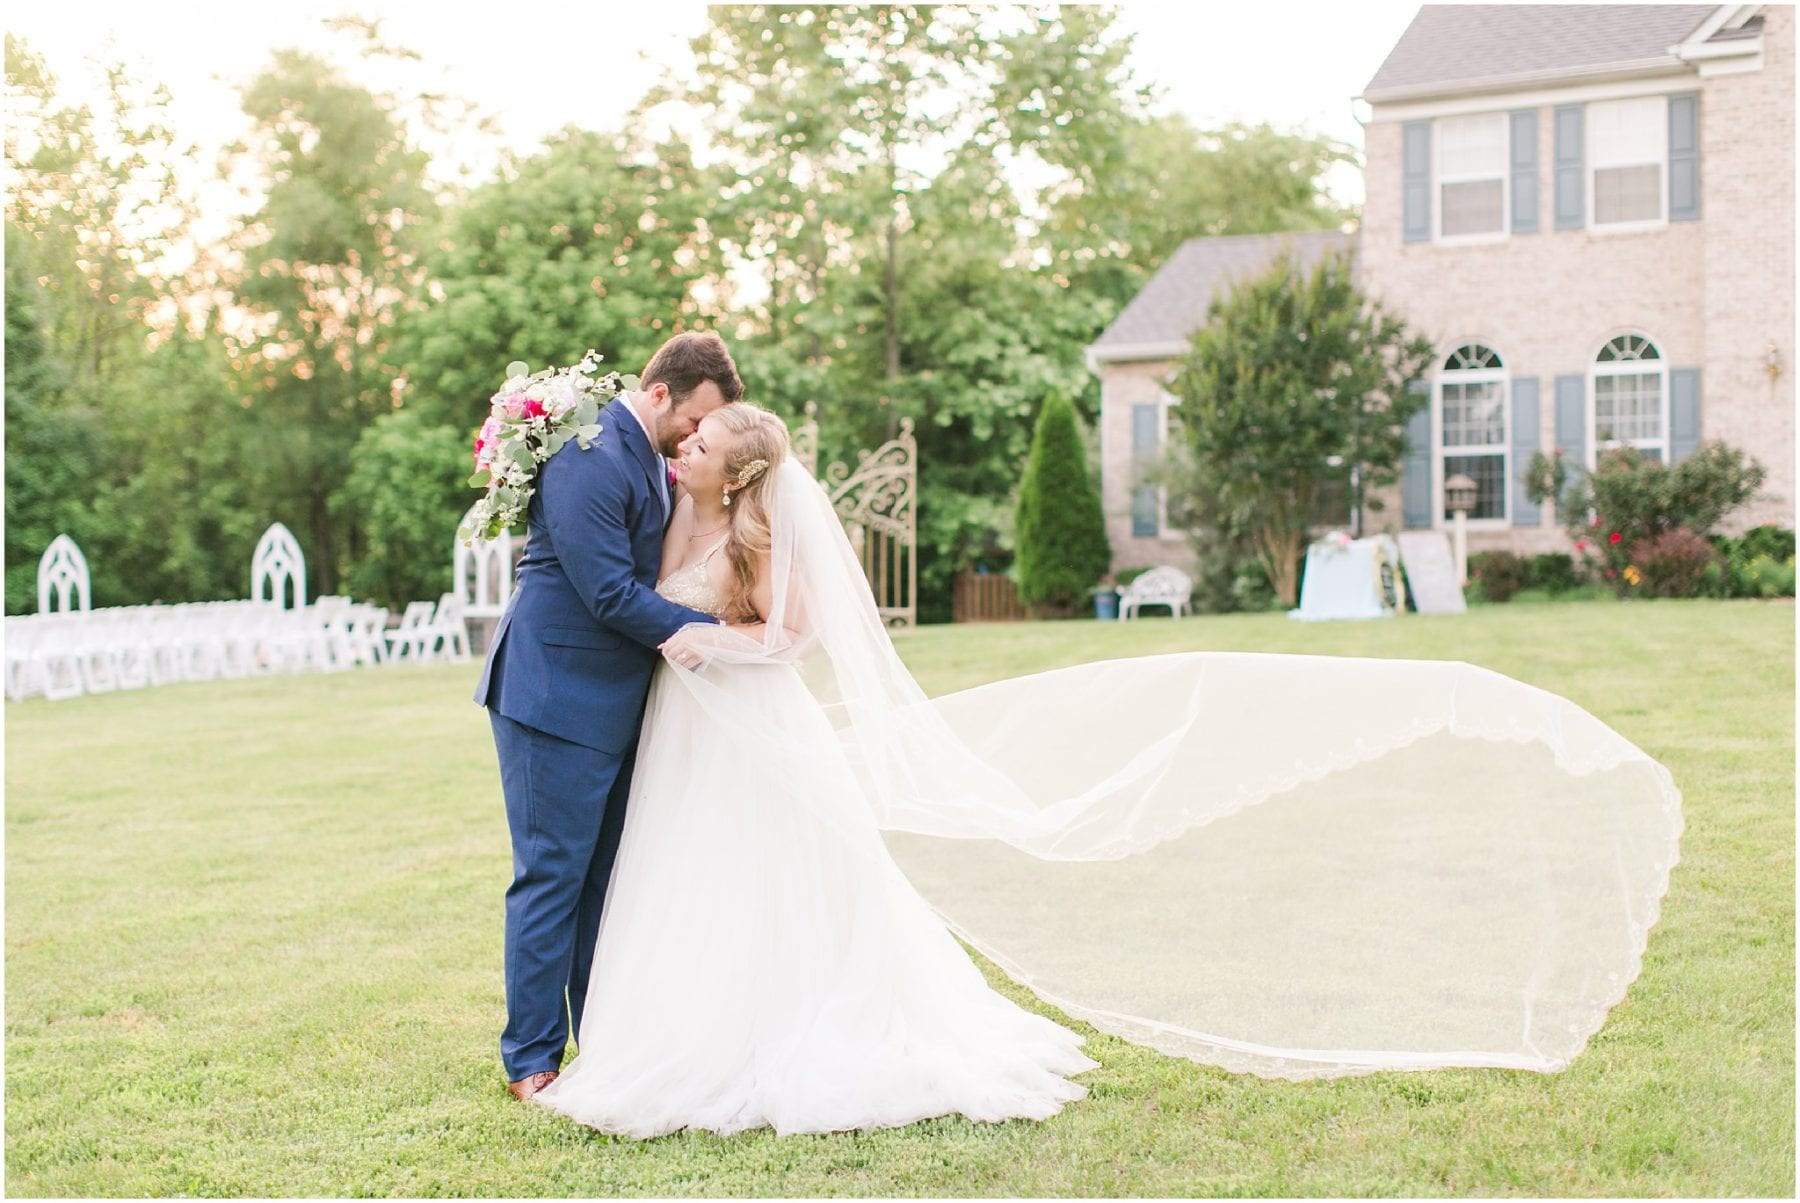 Maryland Backyard Wedding Photos Kelly & Zach Megan Kelsey Photography-262.jpg